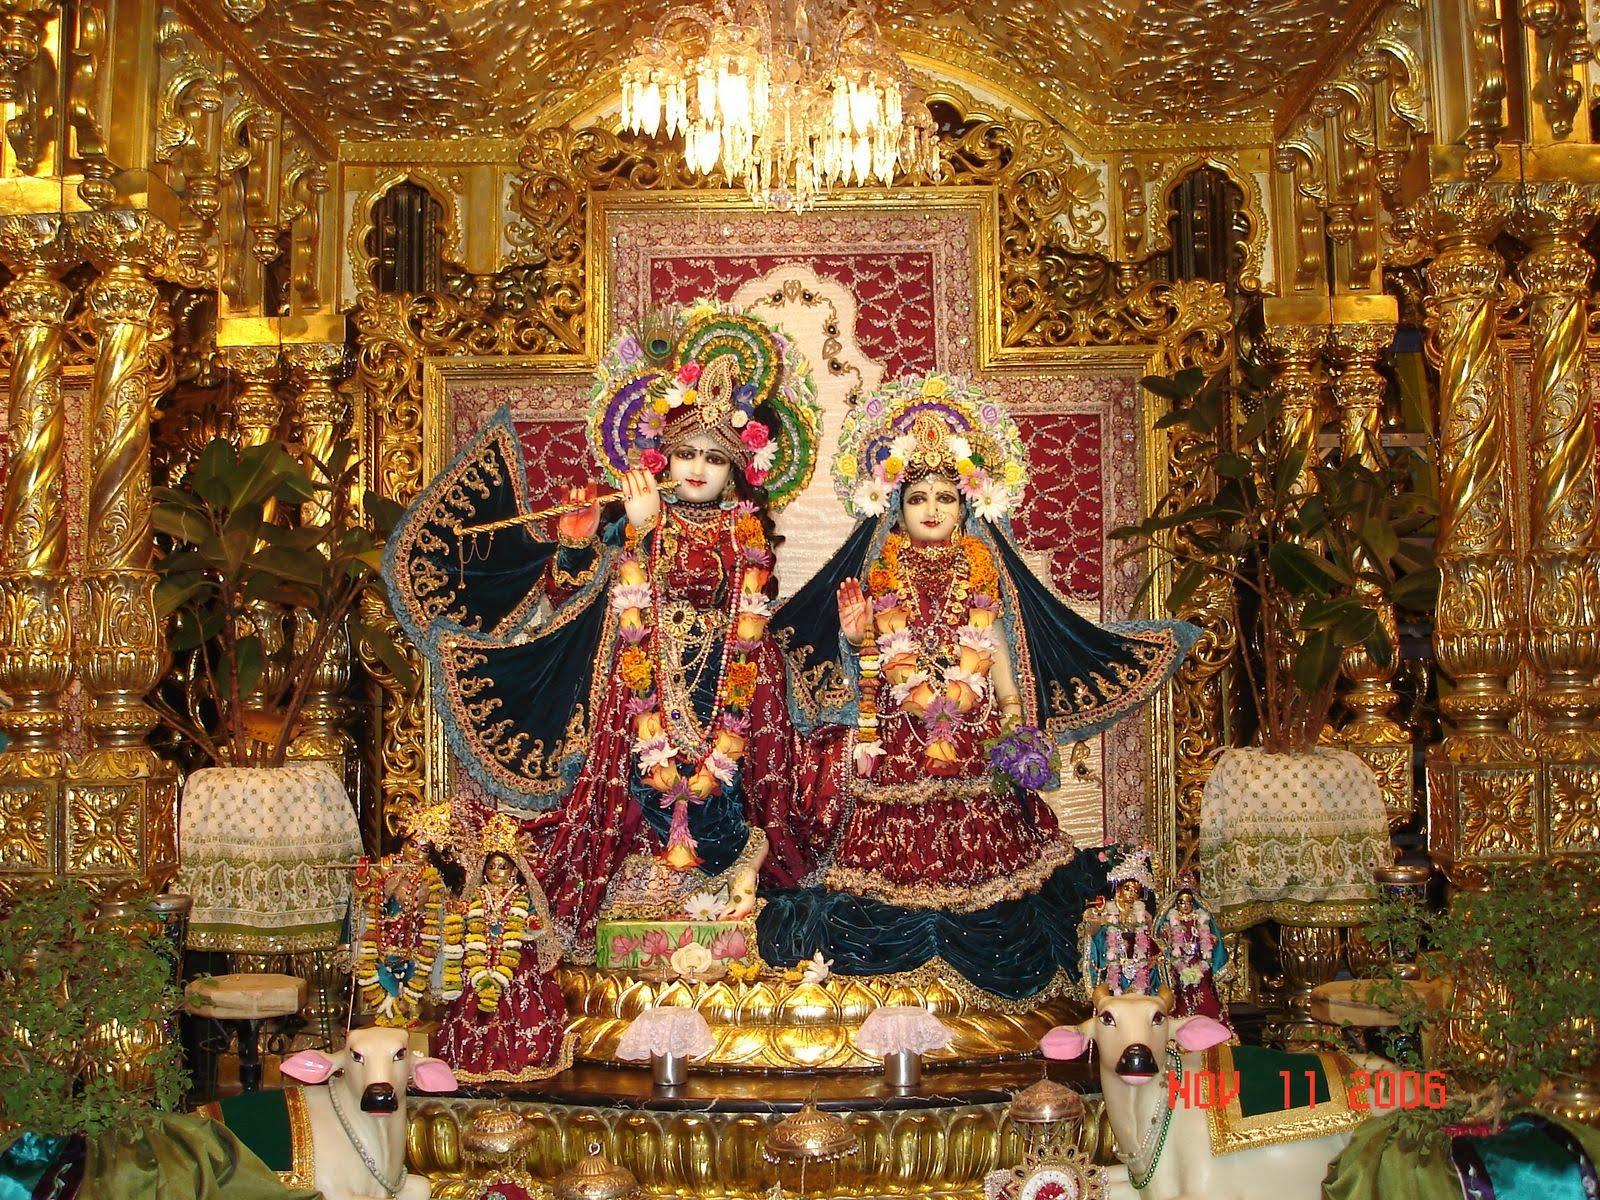 Hare krishna radhe krishna wallpaper collection 27 - Radhe krishna image ...